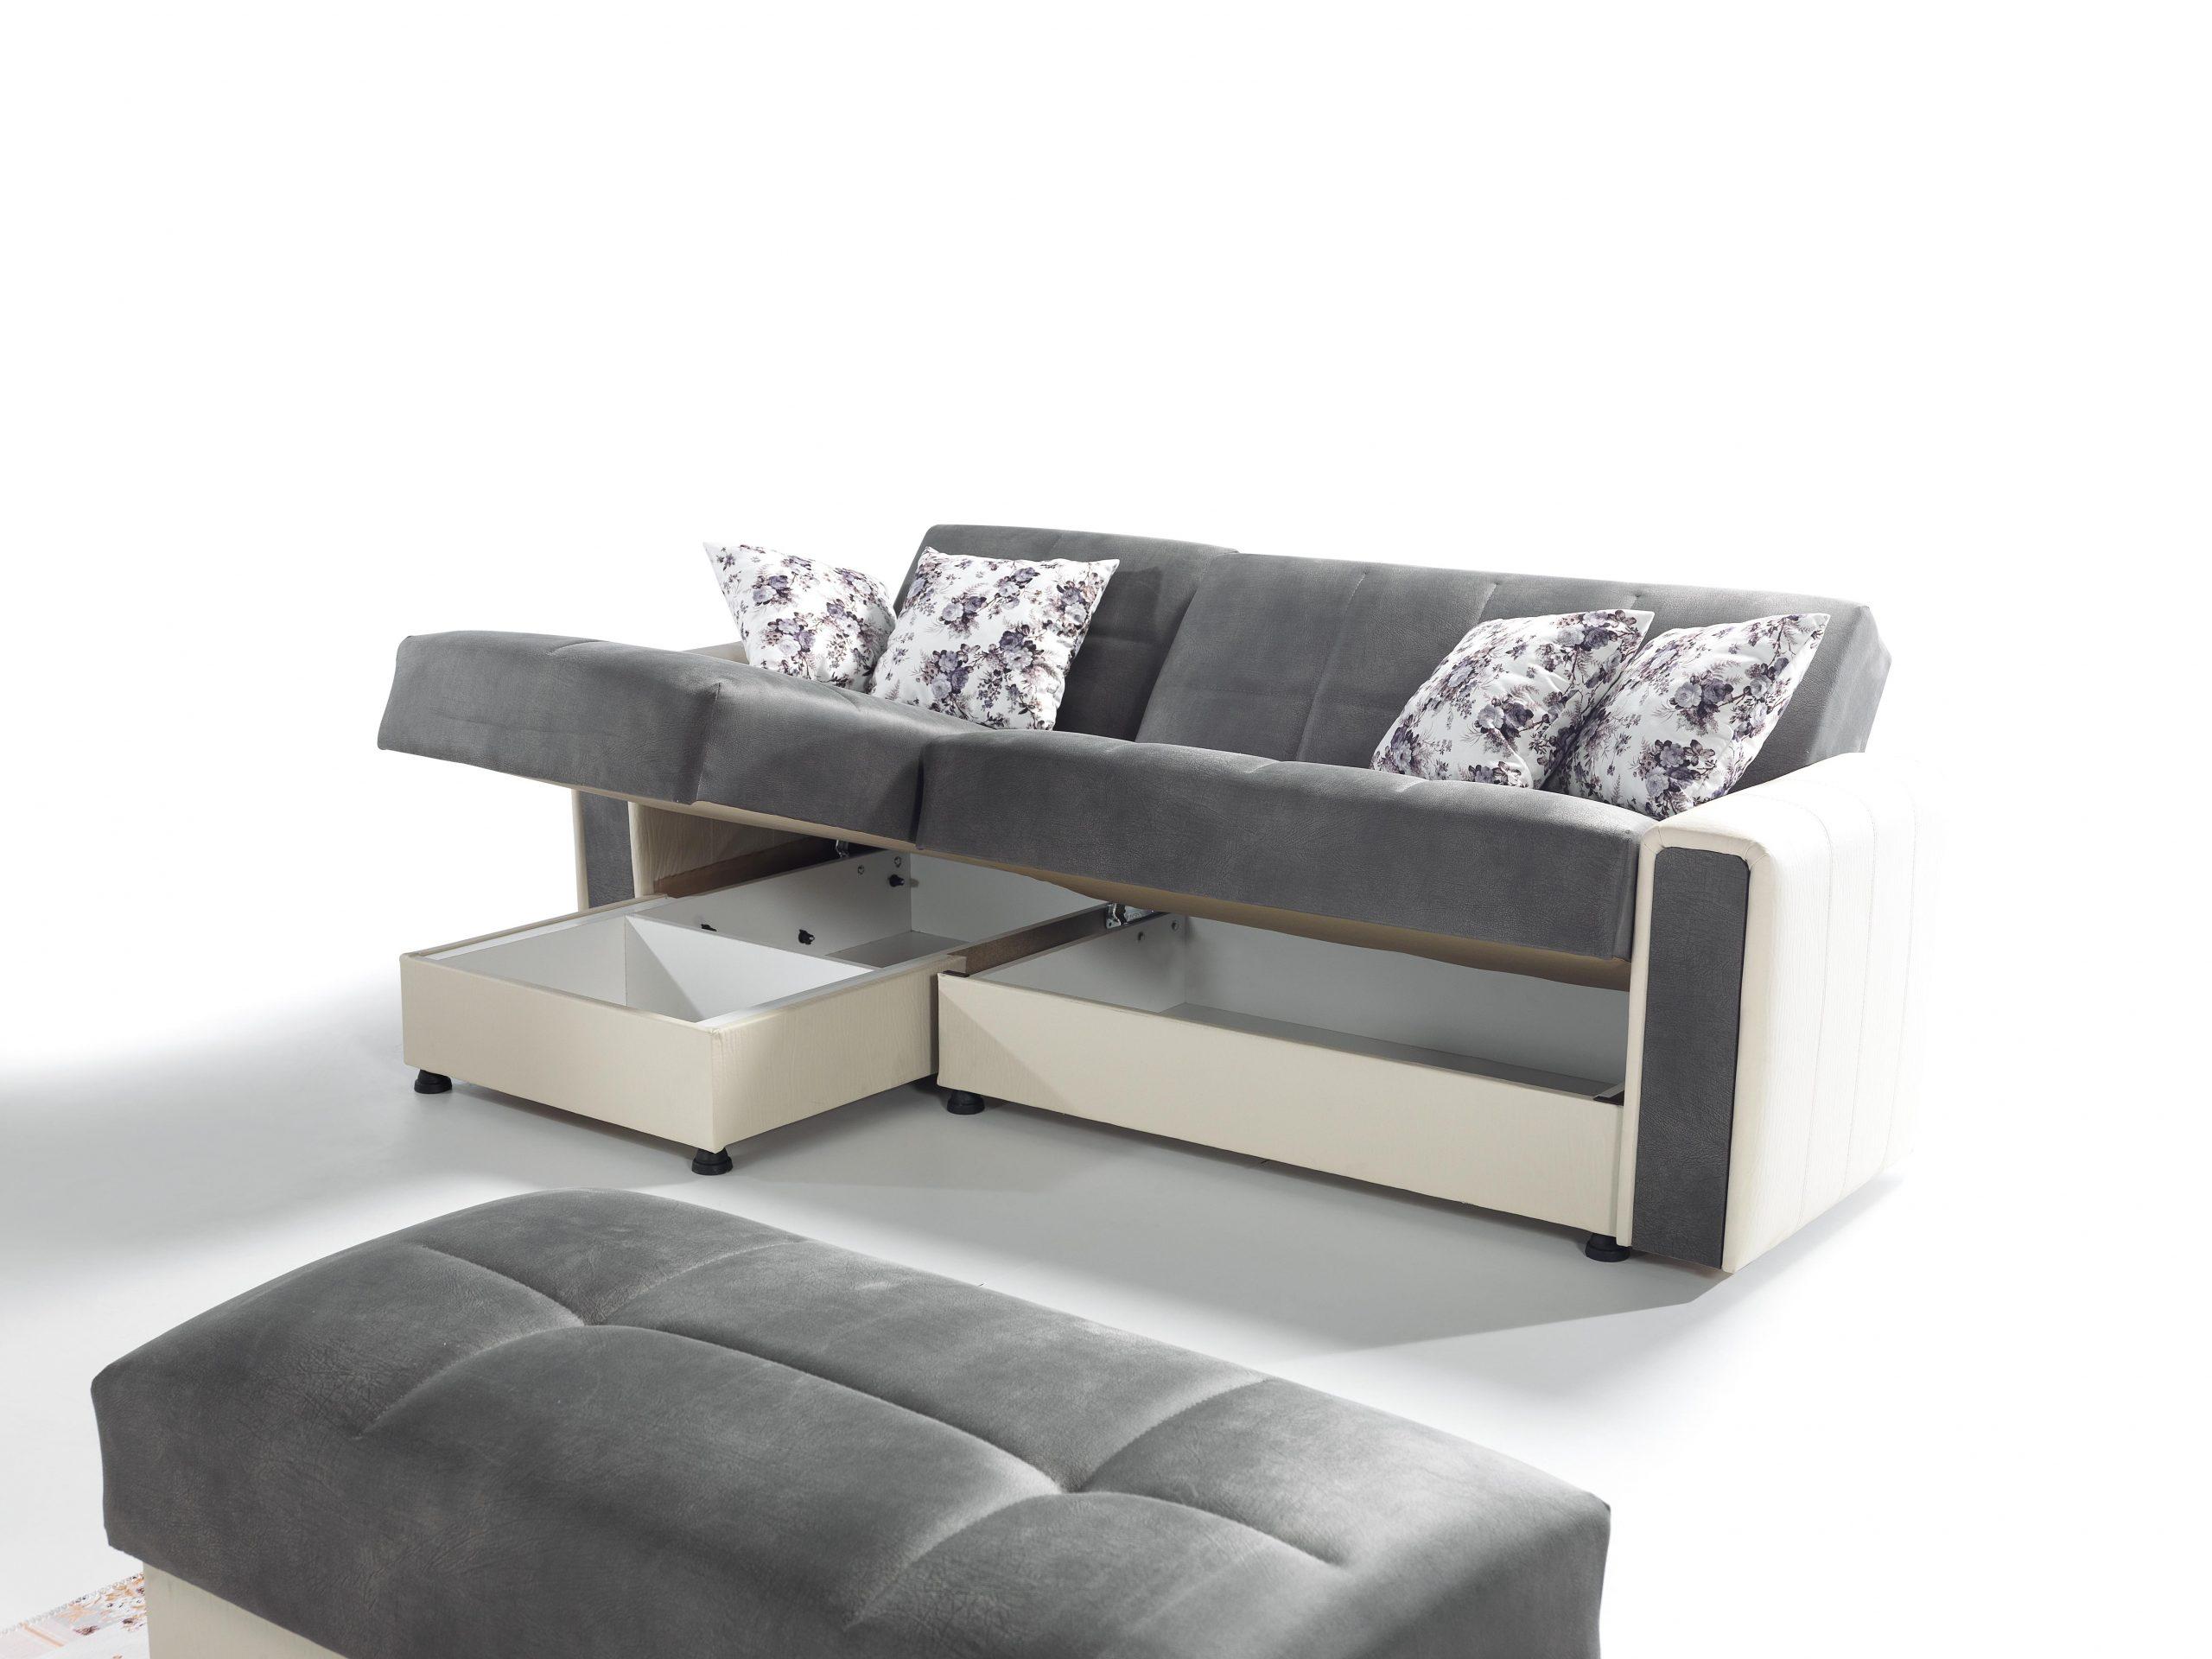 Full Size of Gnstige Eck Couch Bett 200x200 Mit Bettkasten Küche Günstig Elektrogeräten Günstiges Sofa Hocker Sitzhöhe 55 Cm Boxen Spannbezug Led Riess Ambiente Sofa Sofa Mit Schlaffunktion